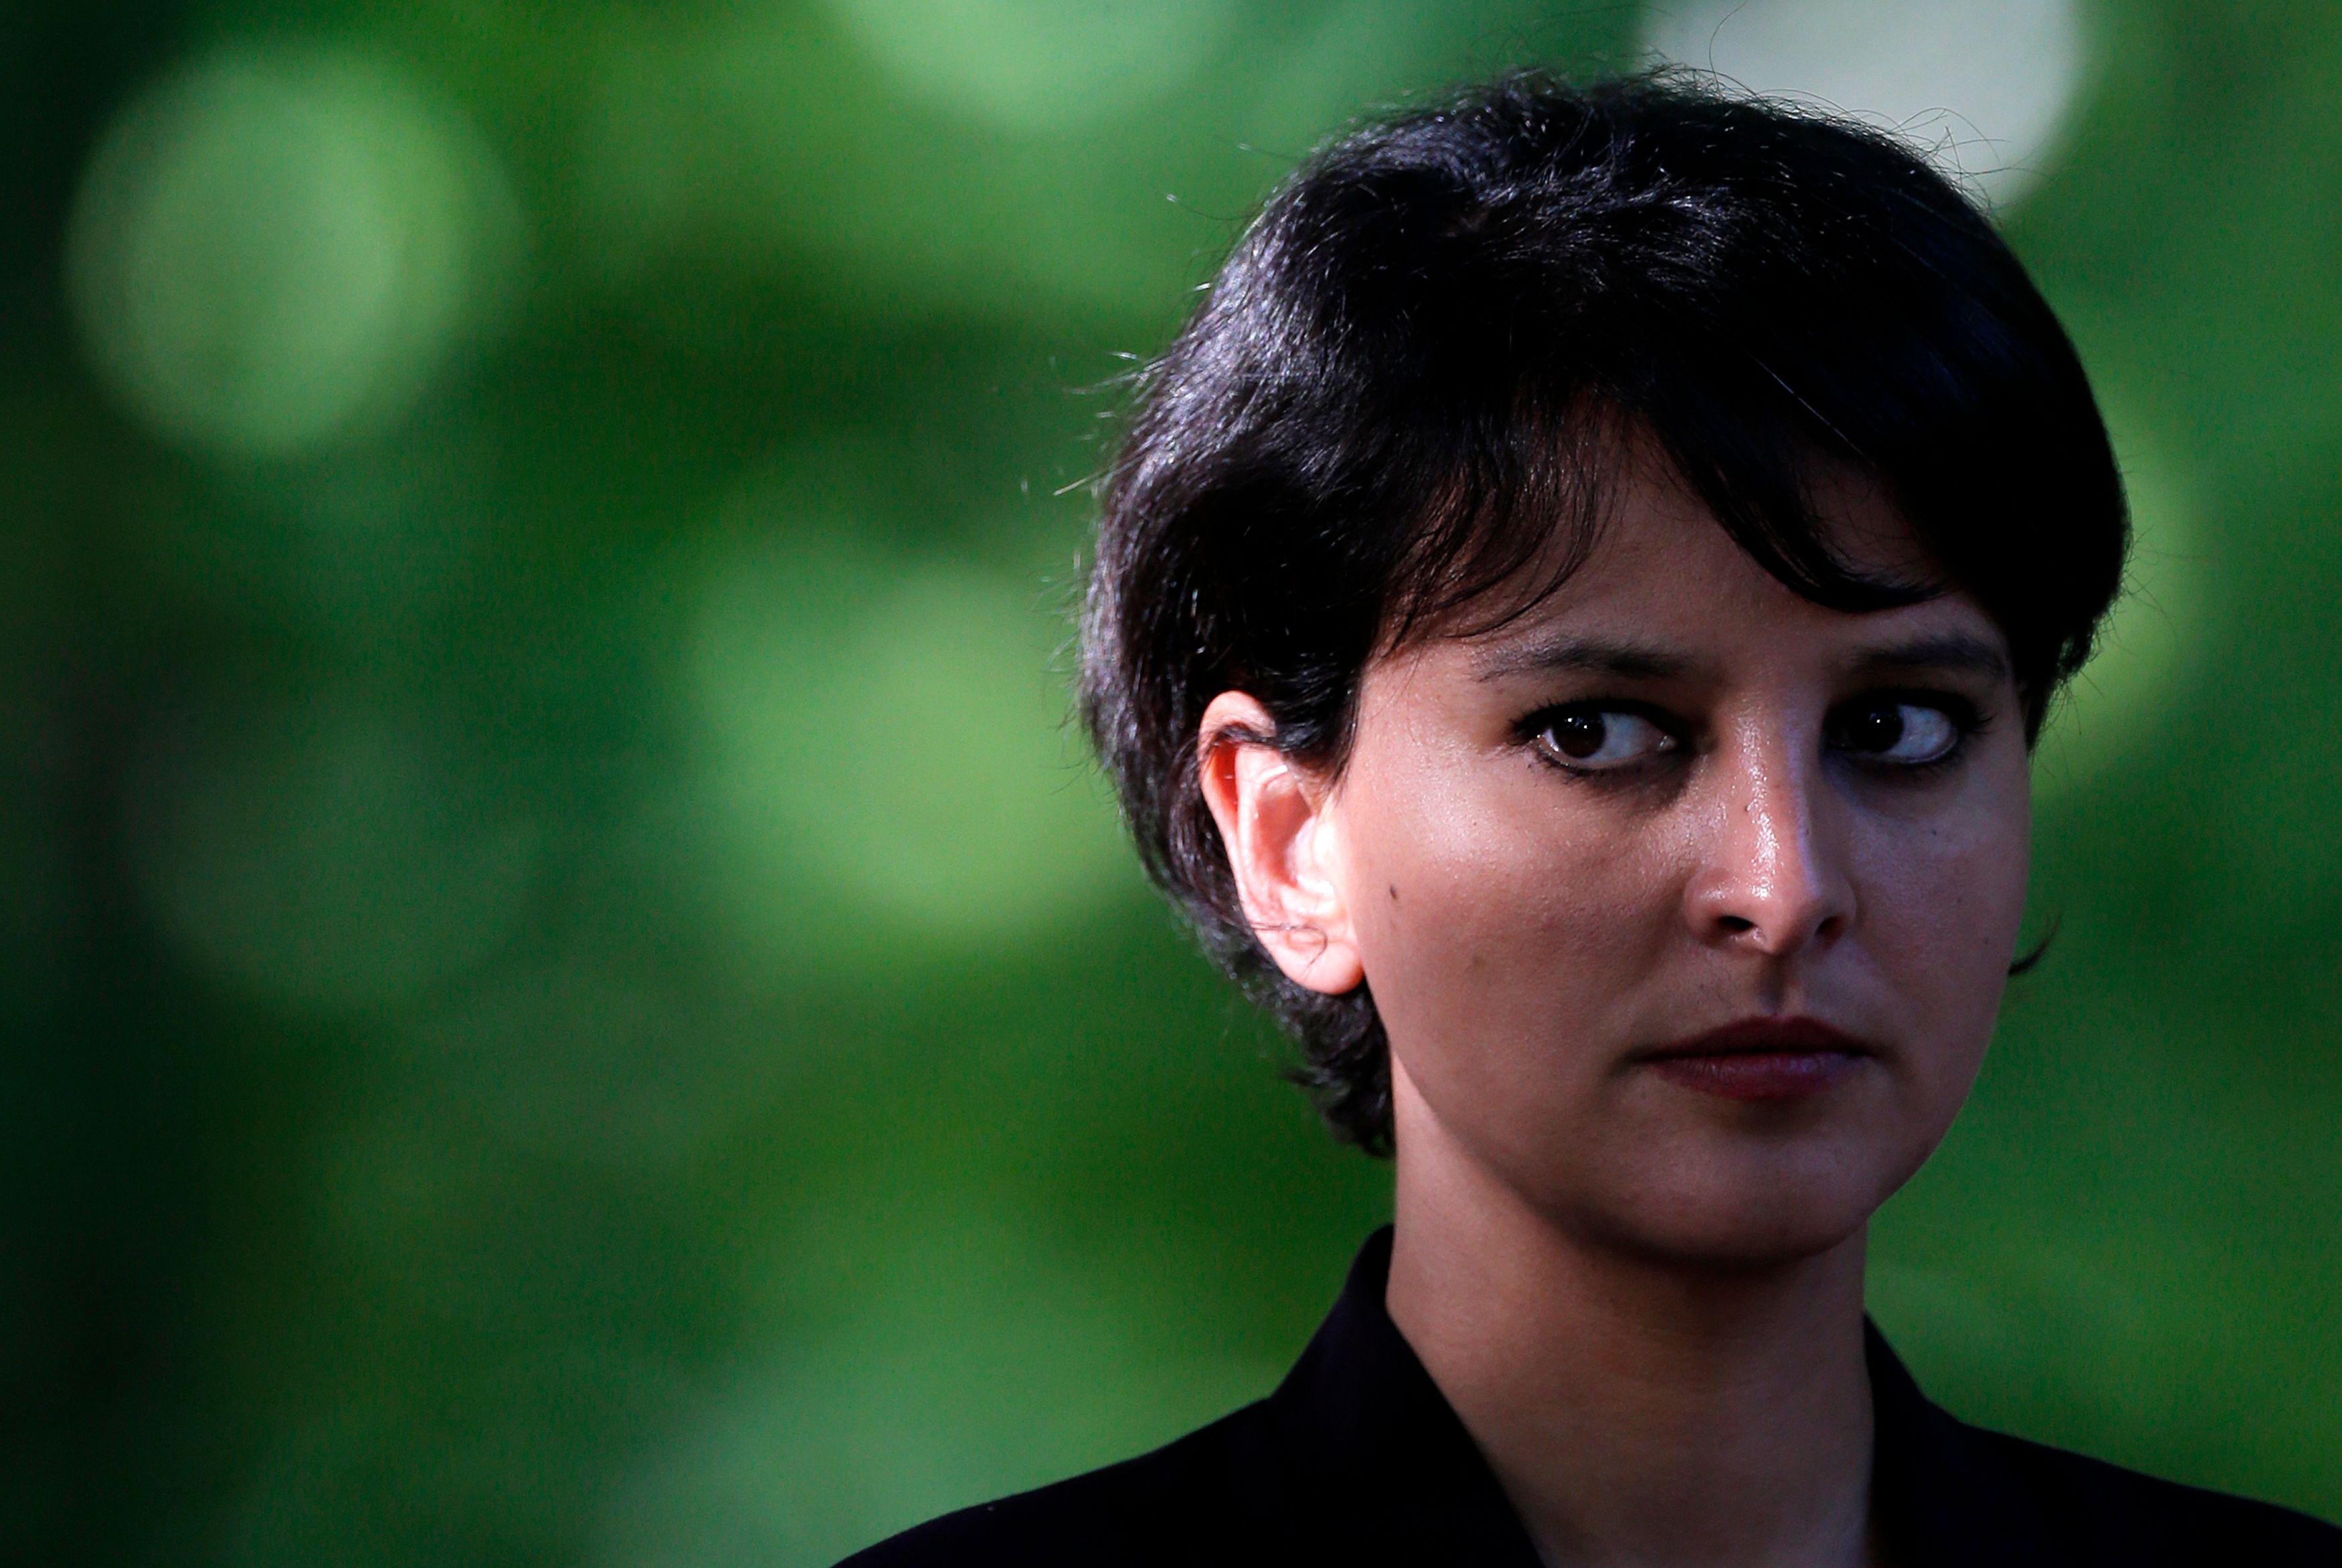 """Législatives : en plein débat, Najat Vallaud-Belkacem accuse son rival LREM de """"chercher à échapper à l'impôt"""""""